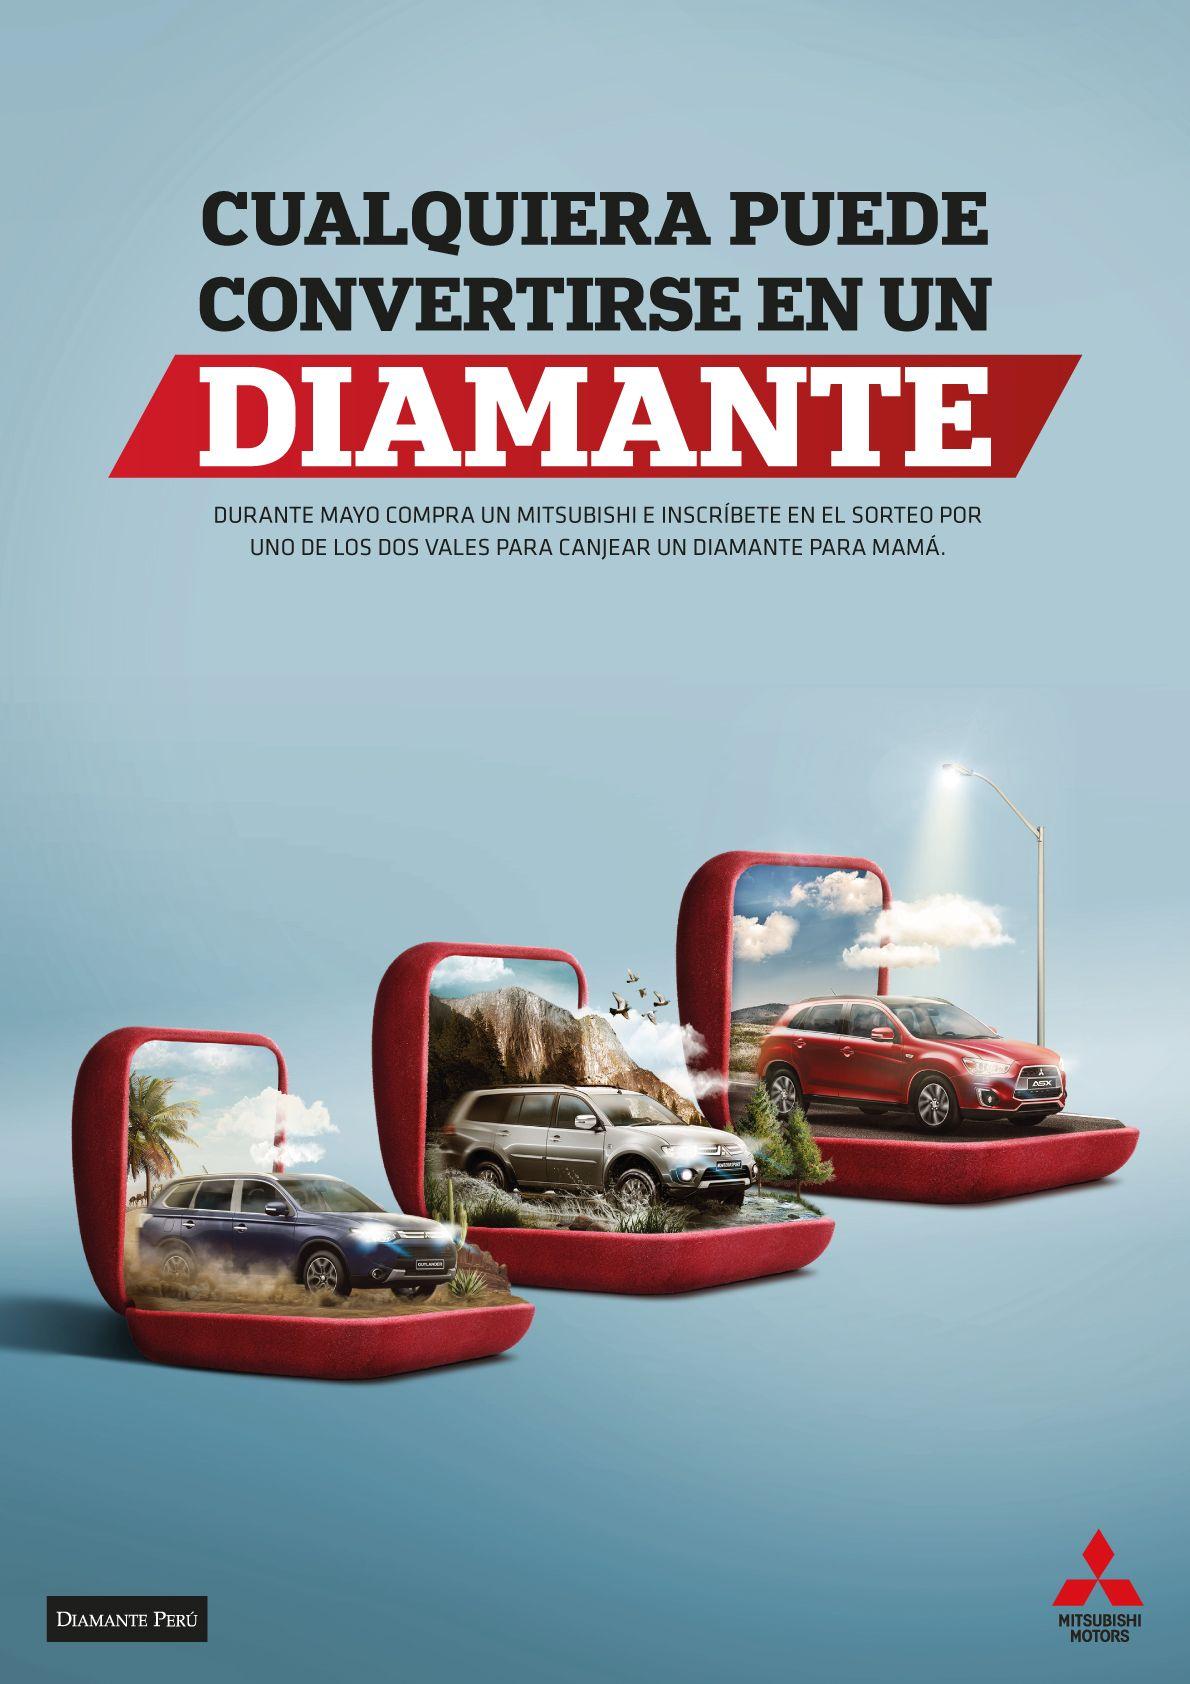 Campaña para el Día de la Madre Mitsubishi Graphic